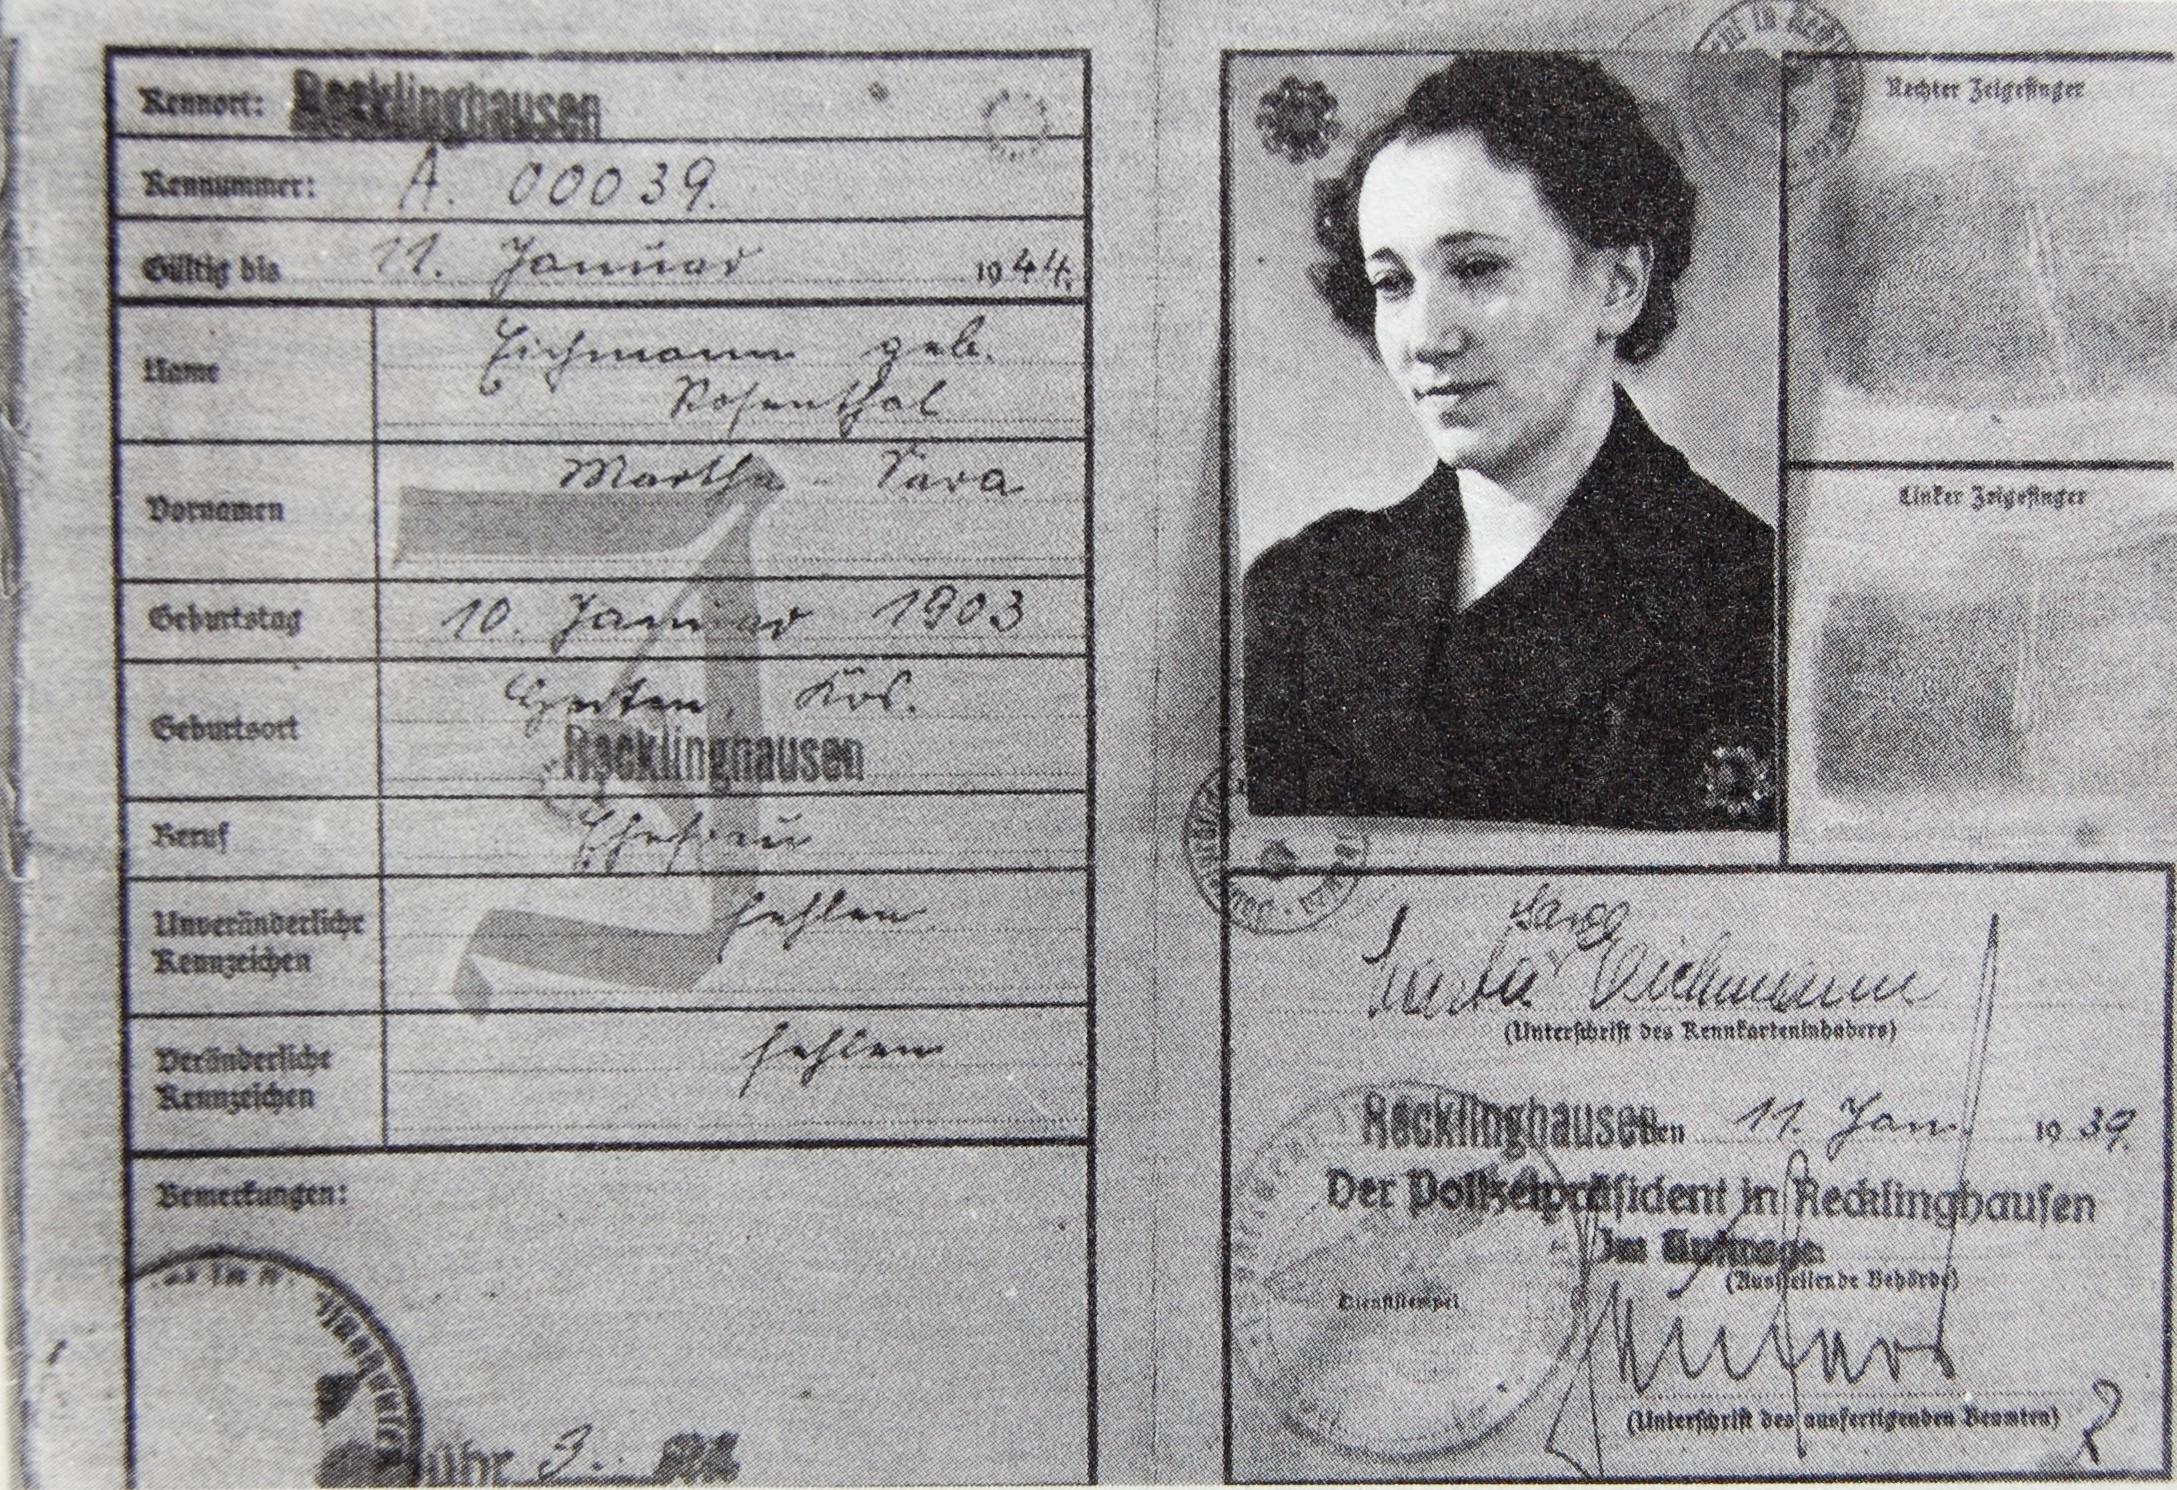 Kennkarte für Martha Eichmann, geb. Rosenthal